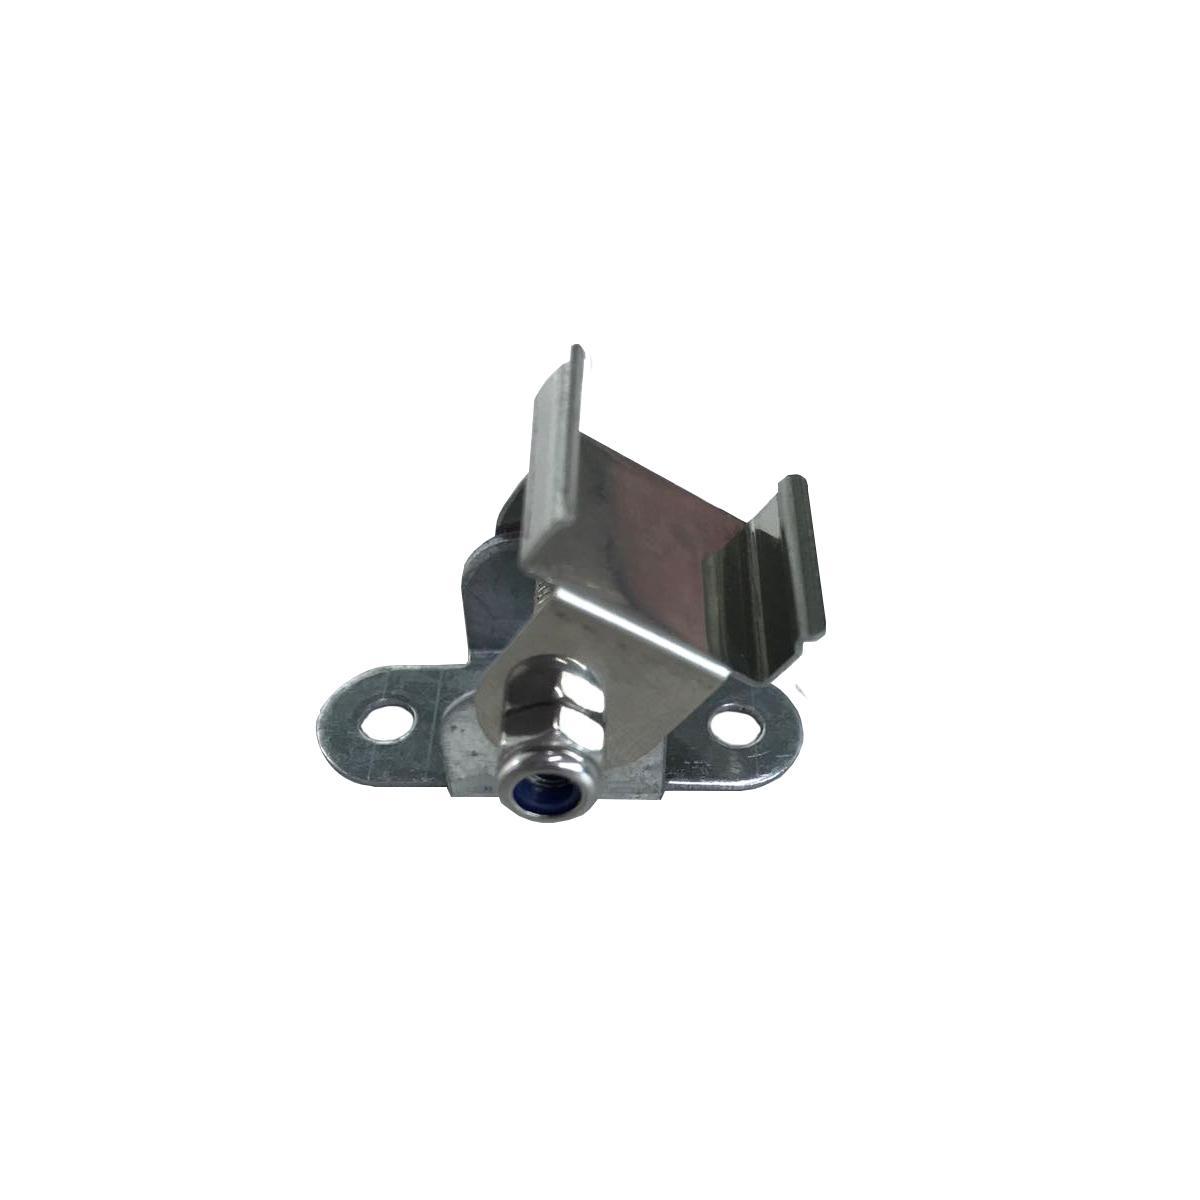 Montageclip 2 Stück schwenkbar für für Aufbau U-Profil 17x14mm (4276)